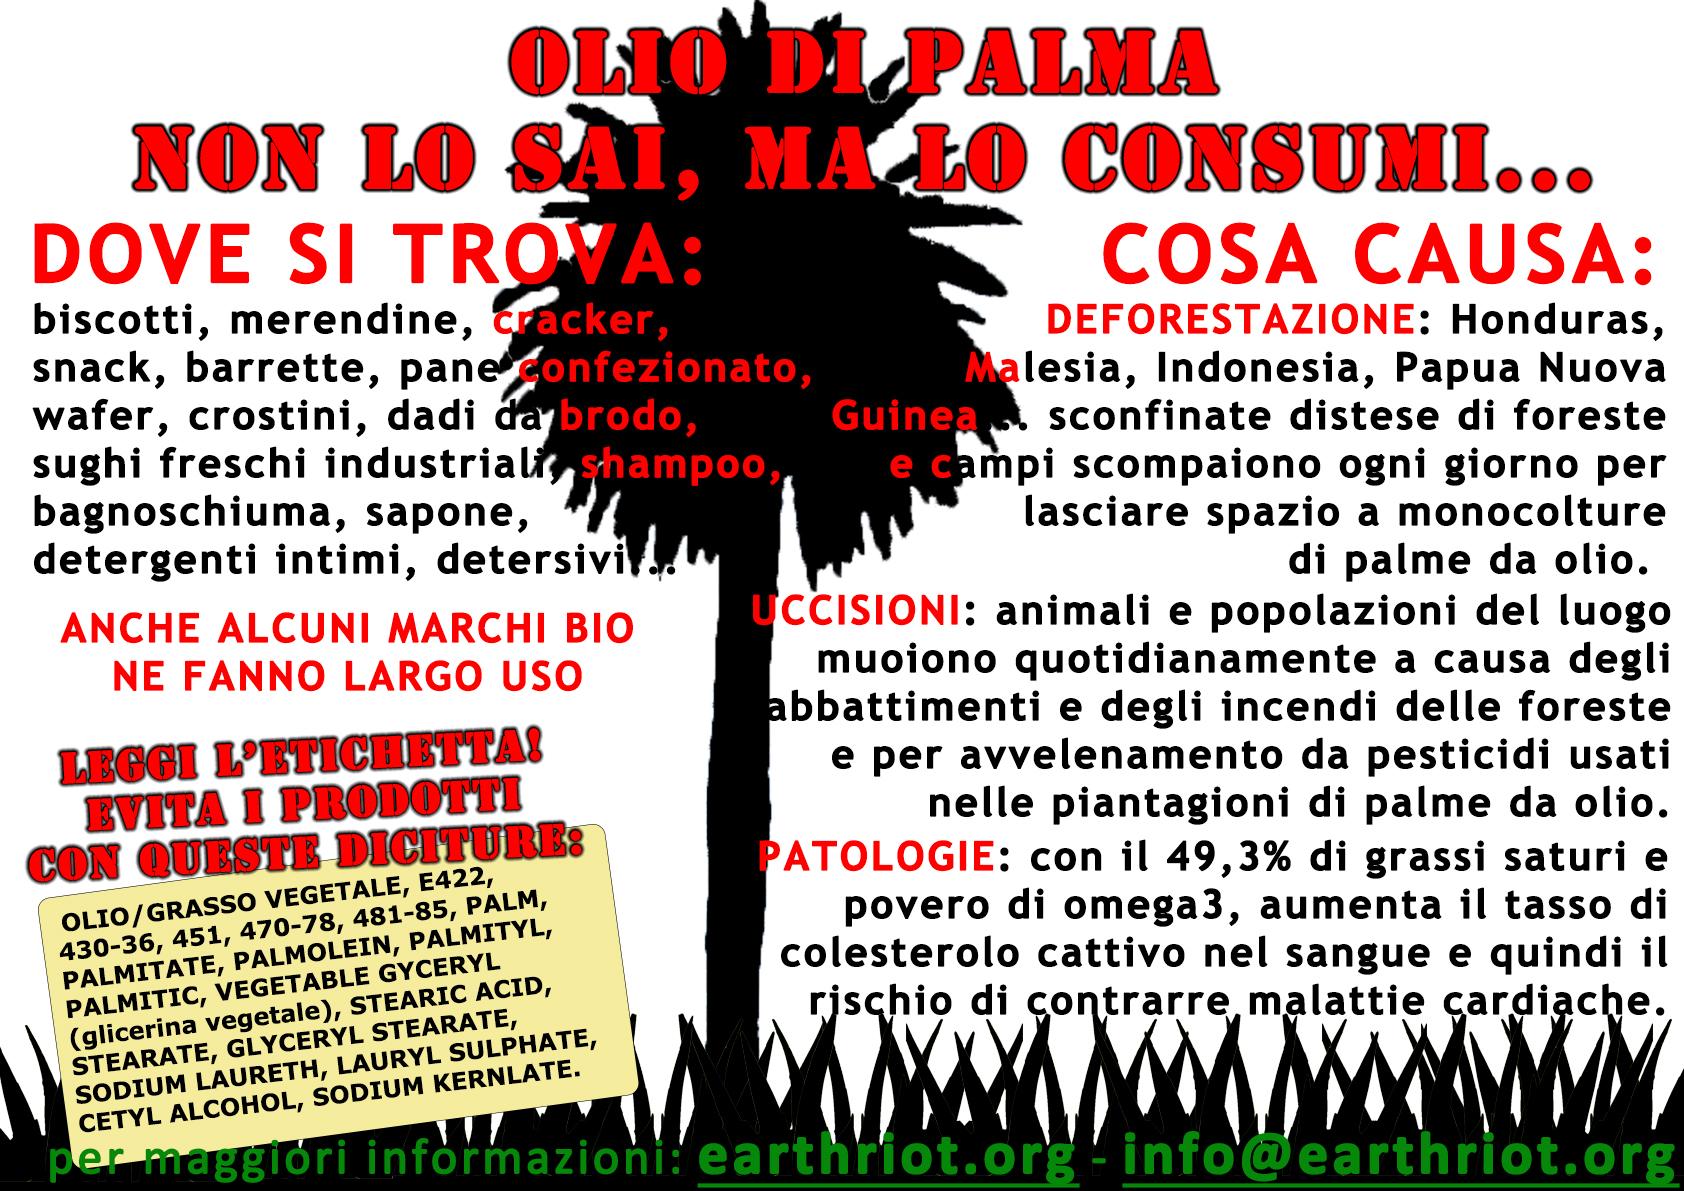 a2 olio di palma